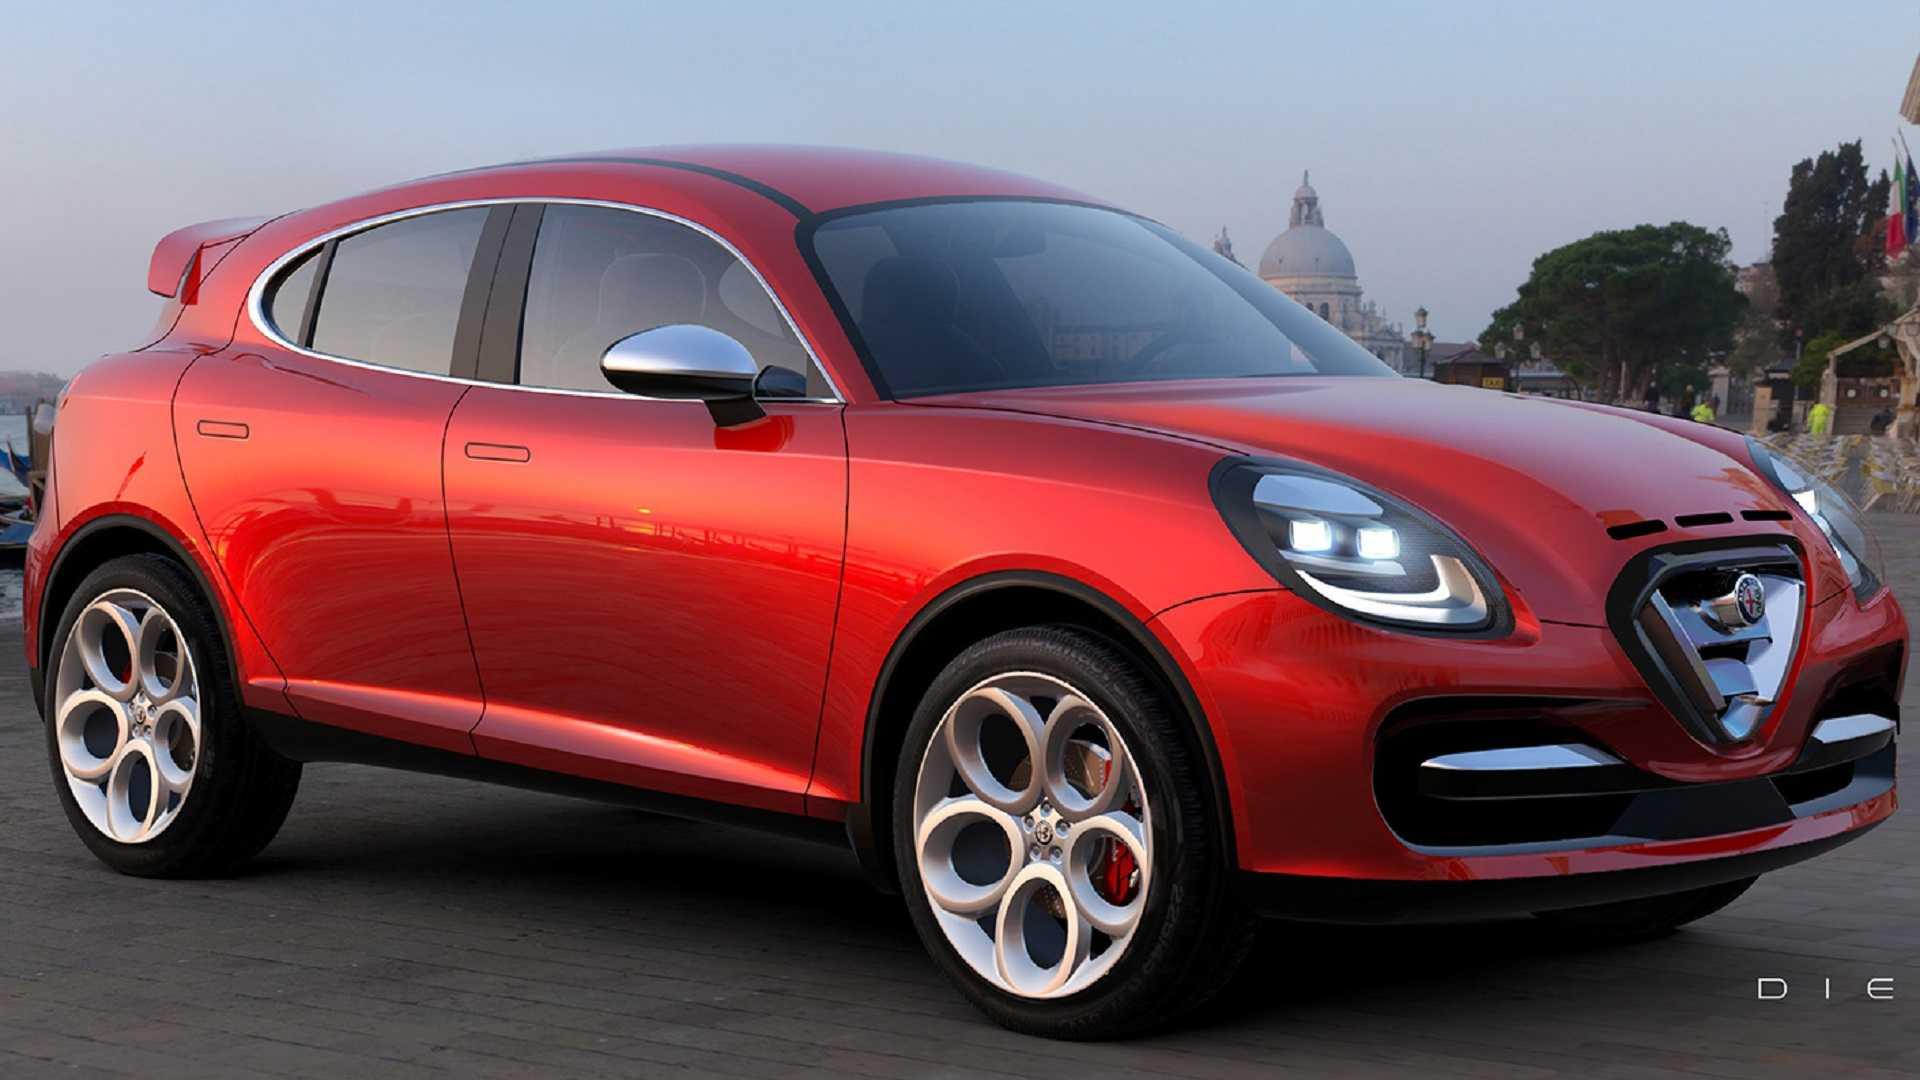 Alfa Romeo Stella bi predstavljala sjajan potez italijanske marke